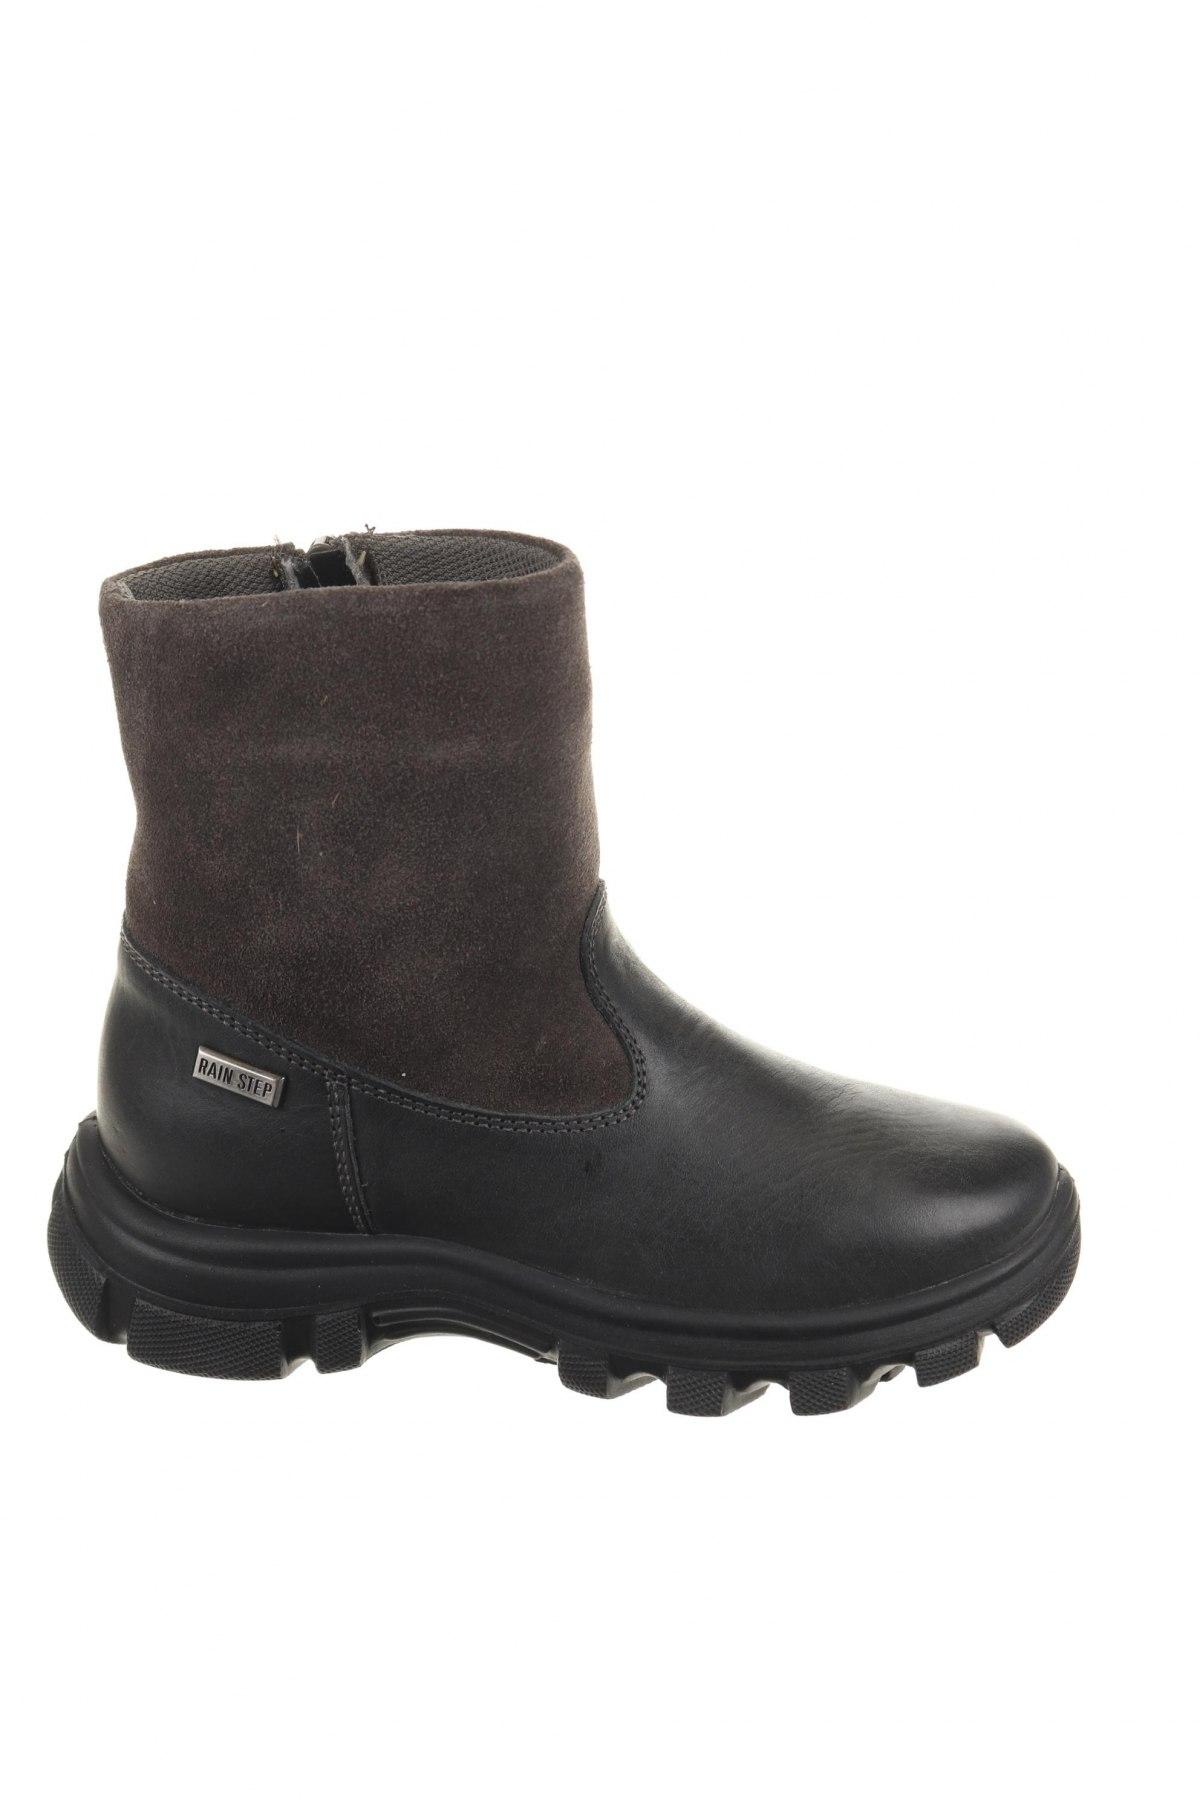 Παιδικά παπούτσια Naturino, Μέγεθος 28, Χρώμα Γκρί, Γνήσιο δέρμα, φυσικό σουέτ, Τιμή 39,17€